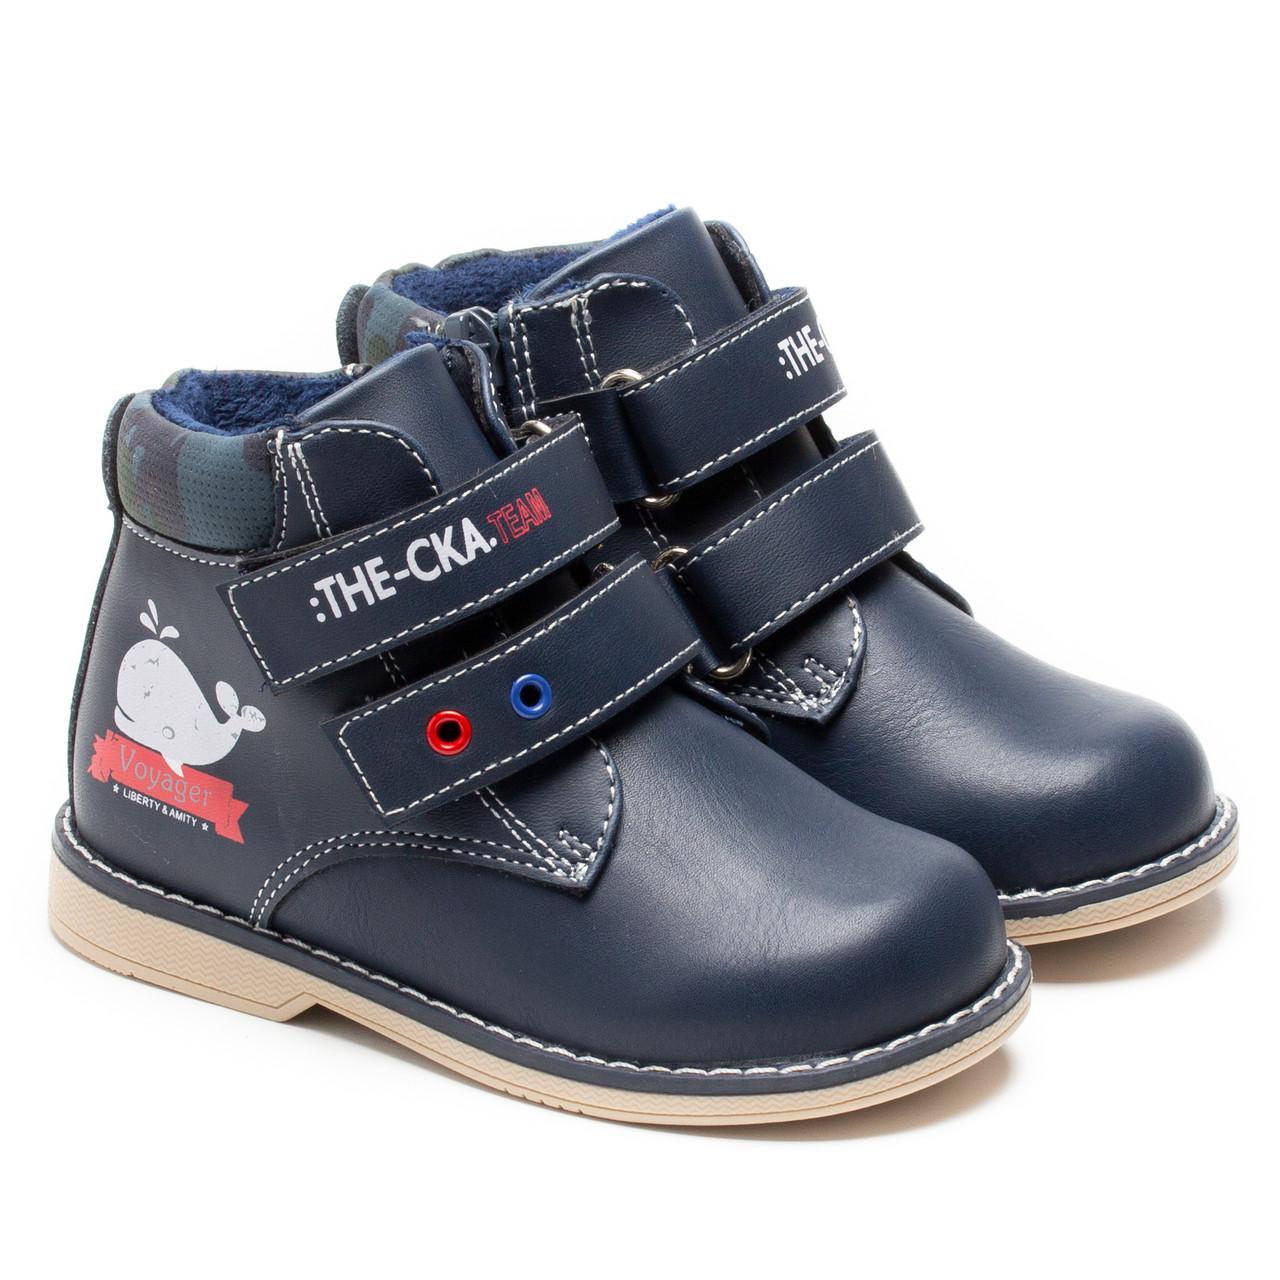 0ee080c60 Демисезонные ботинки для мальчика ТМ